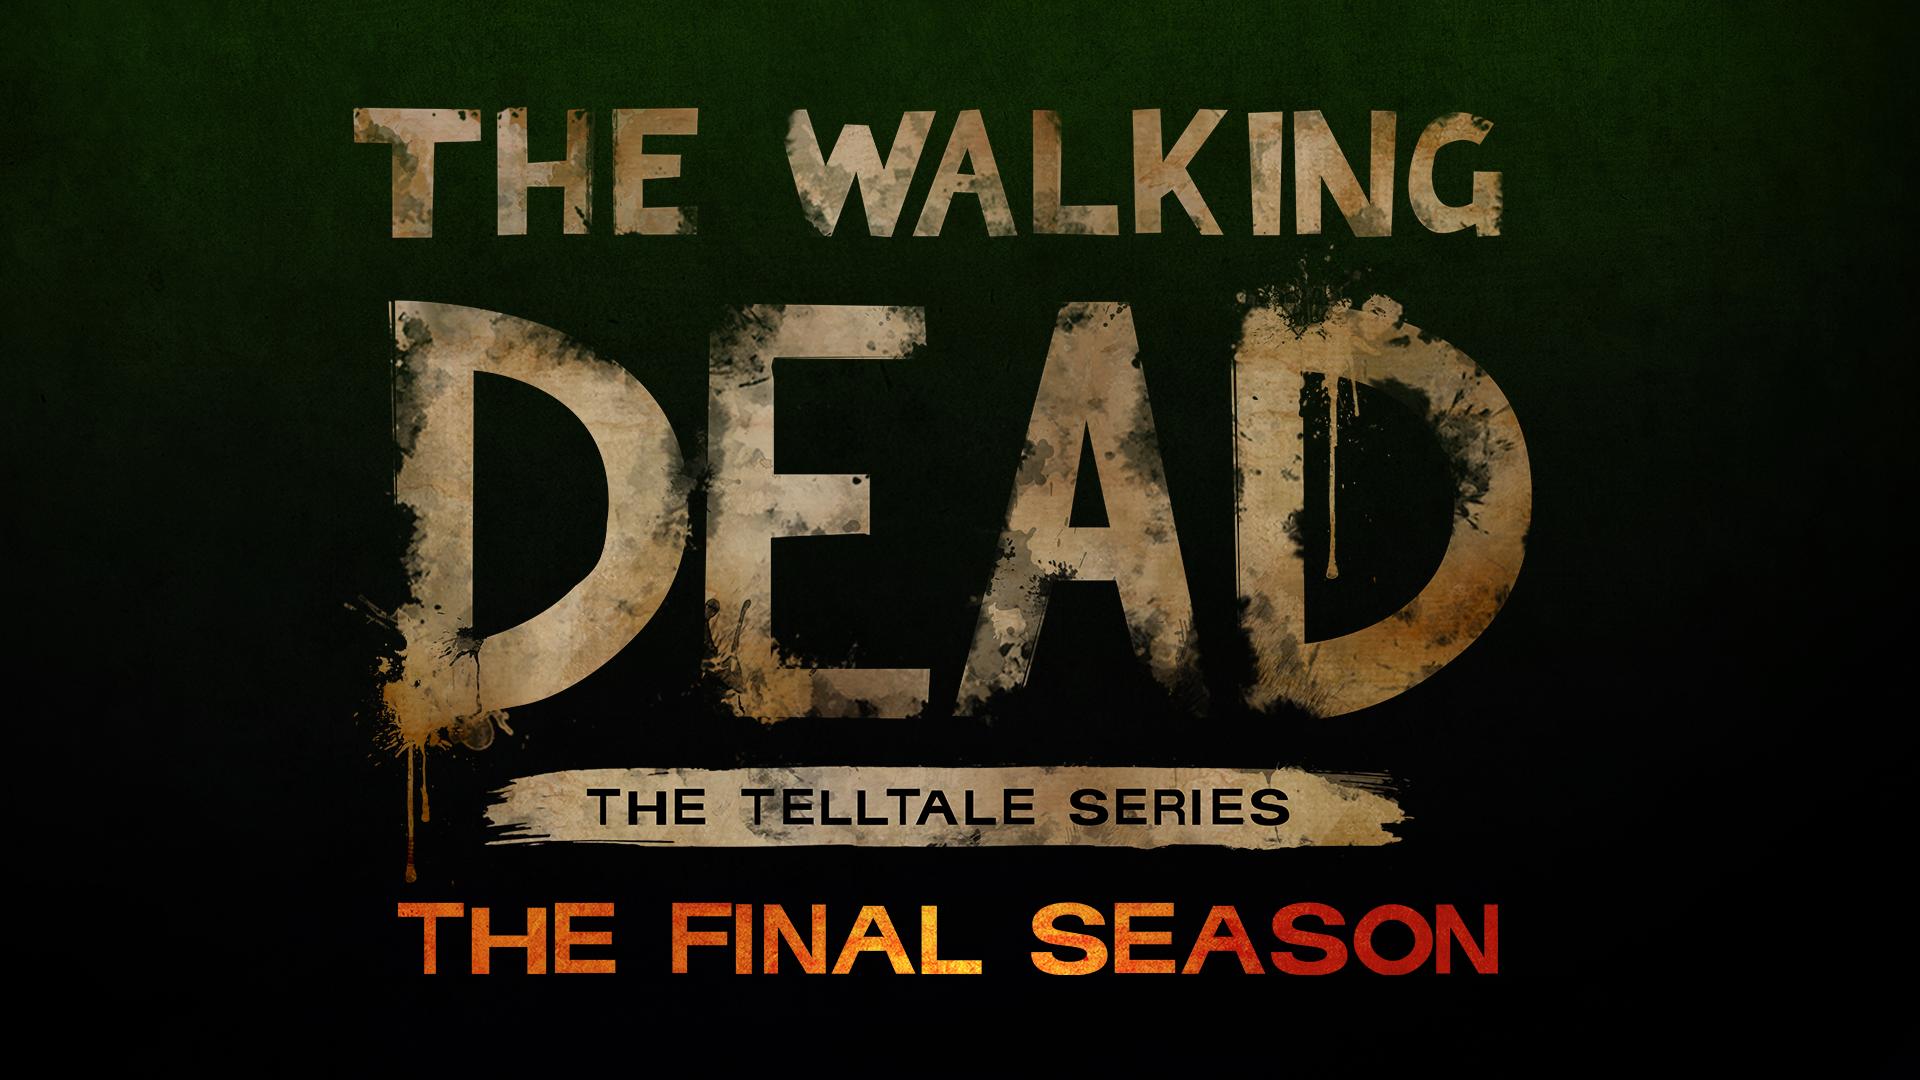 Telltale games - The Walking Dead: The Final Season